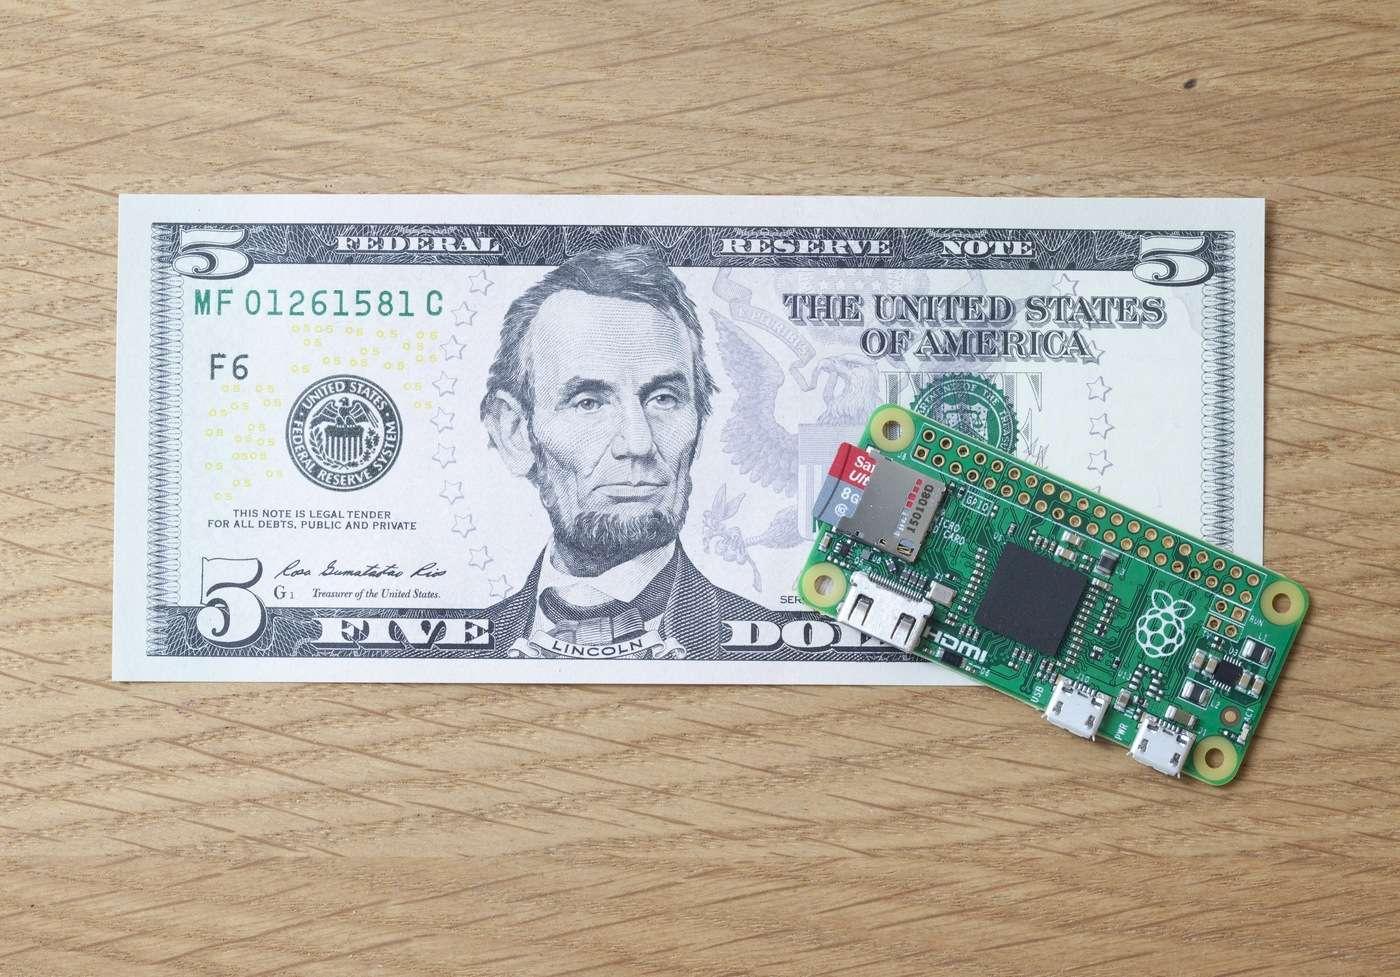 Après les Raspberry Pi 1 et 2, voici le Raspberry Pi Zero qui bat un nouveau record de prix tout en offrant les fonctionnalités d'un véritable ordinateur. © Raspberry Pi